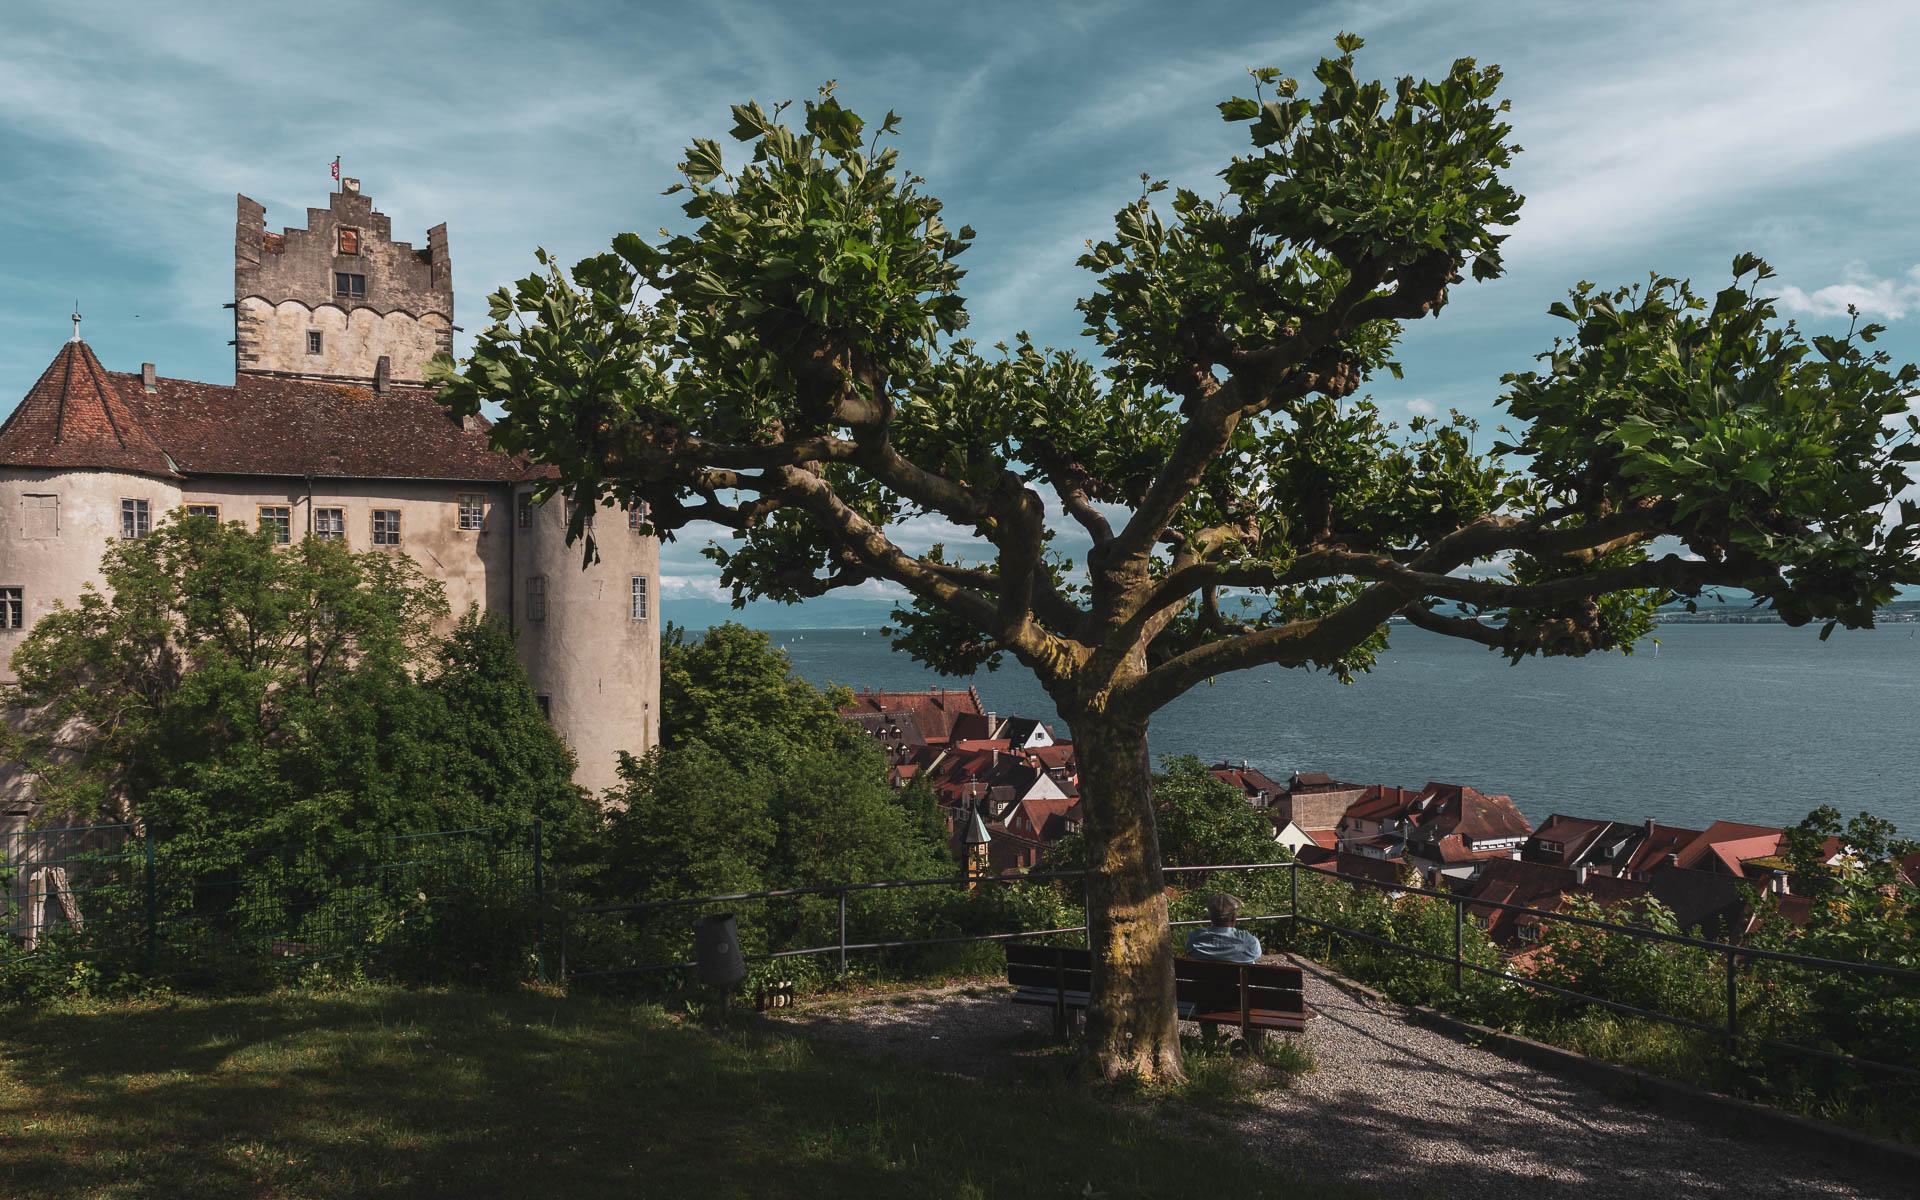 Rast oberhalb der Burg in Meersburg